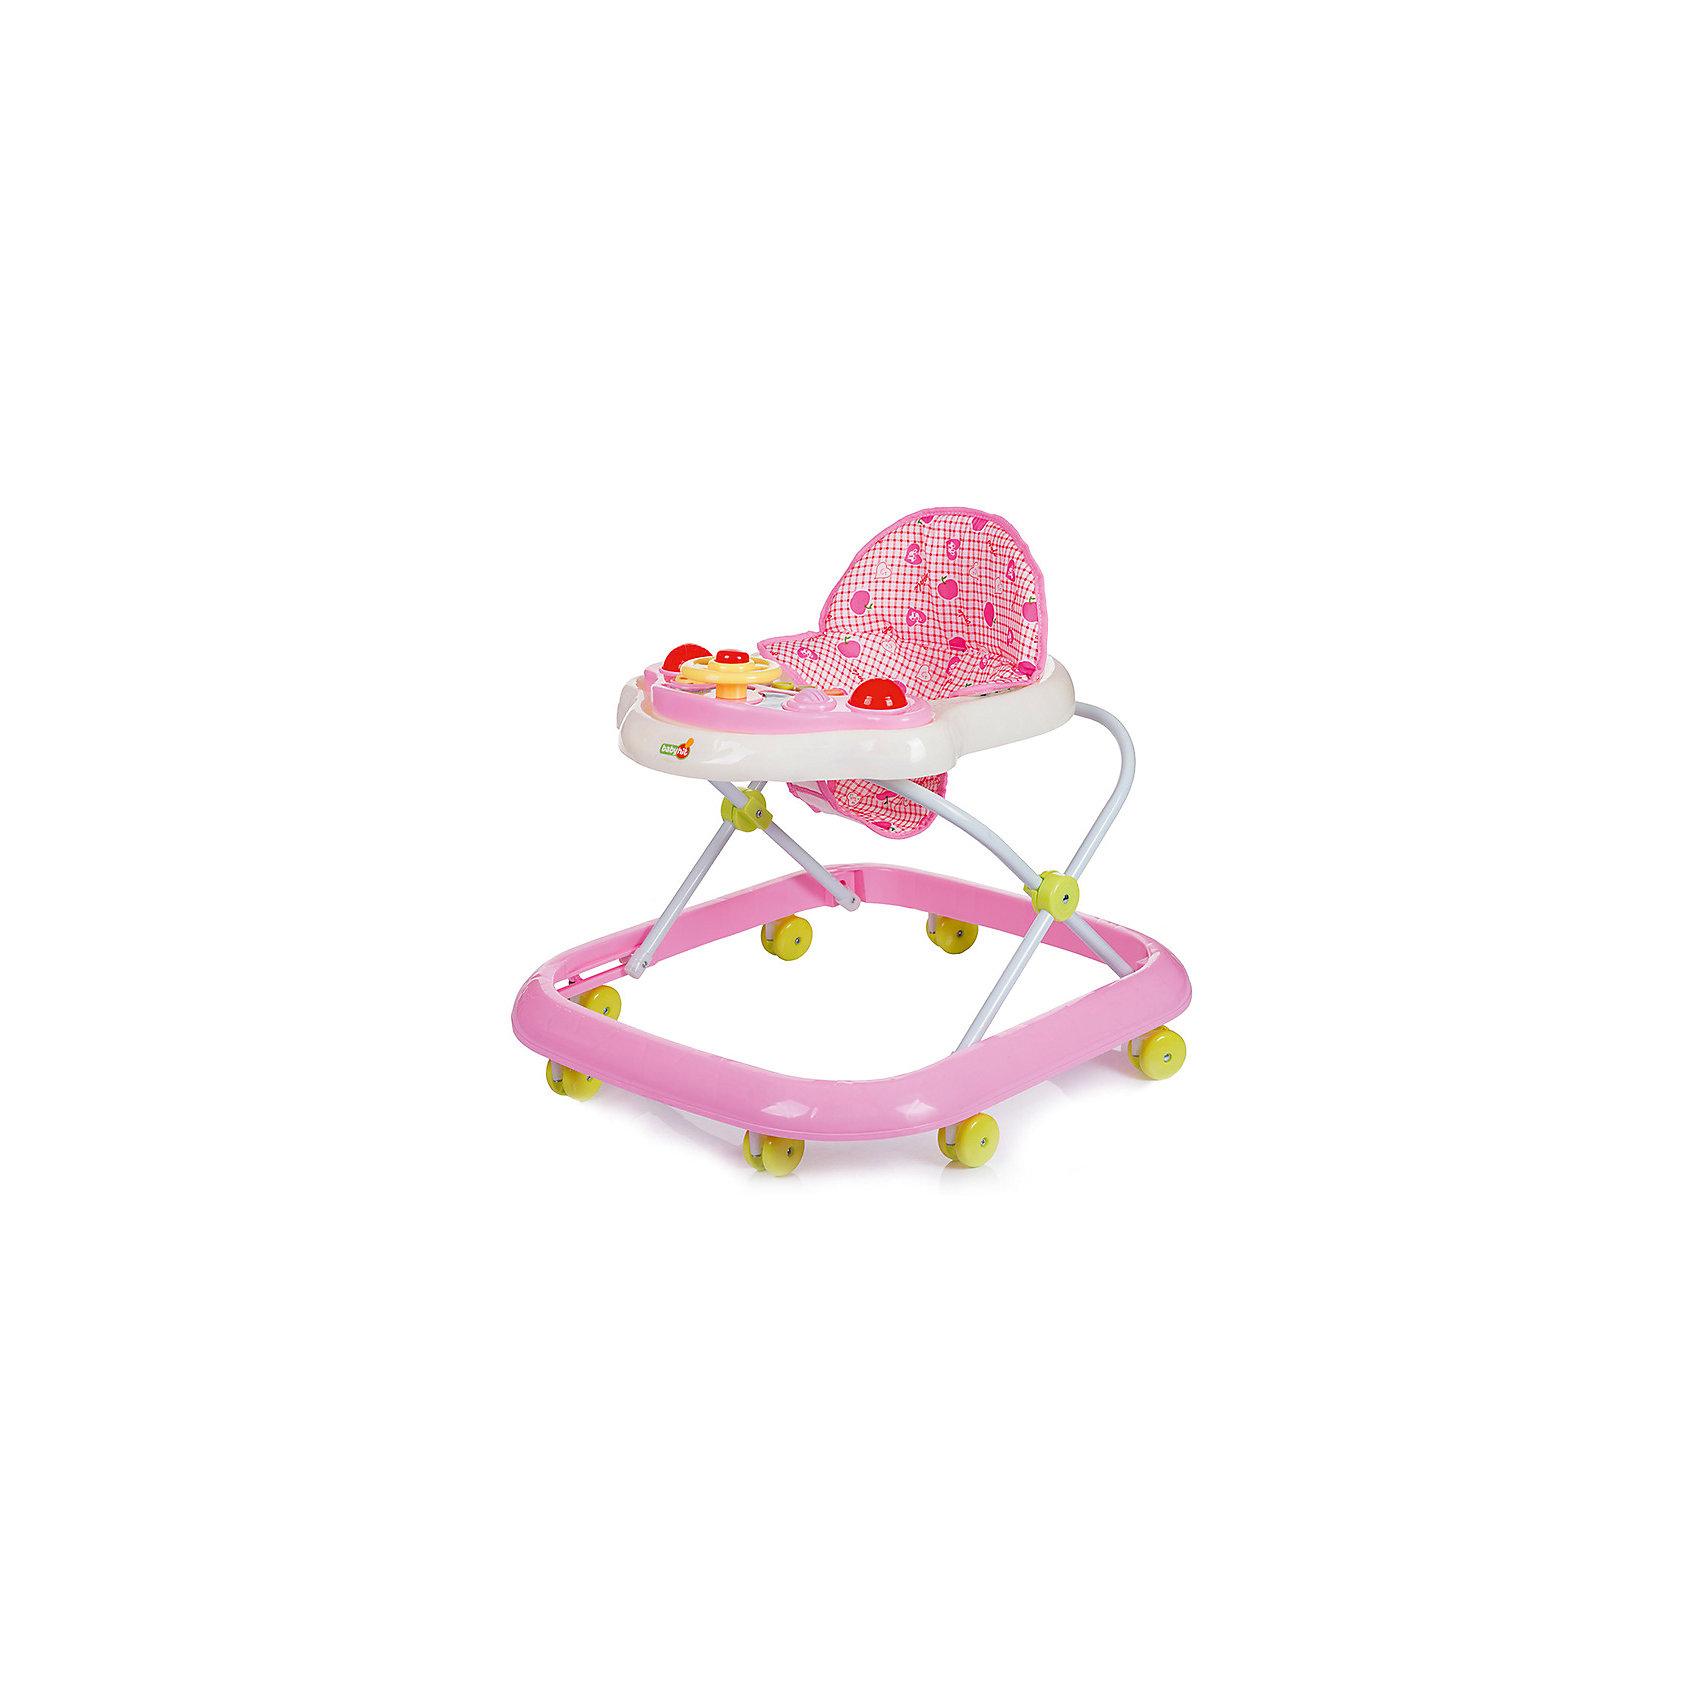 Ходунки ACTION, Babyhit, розовый